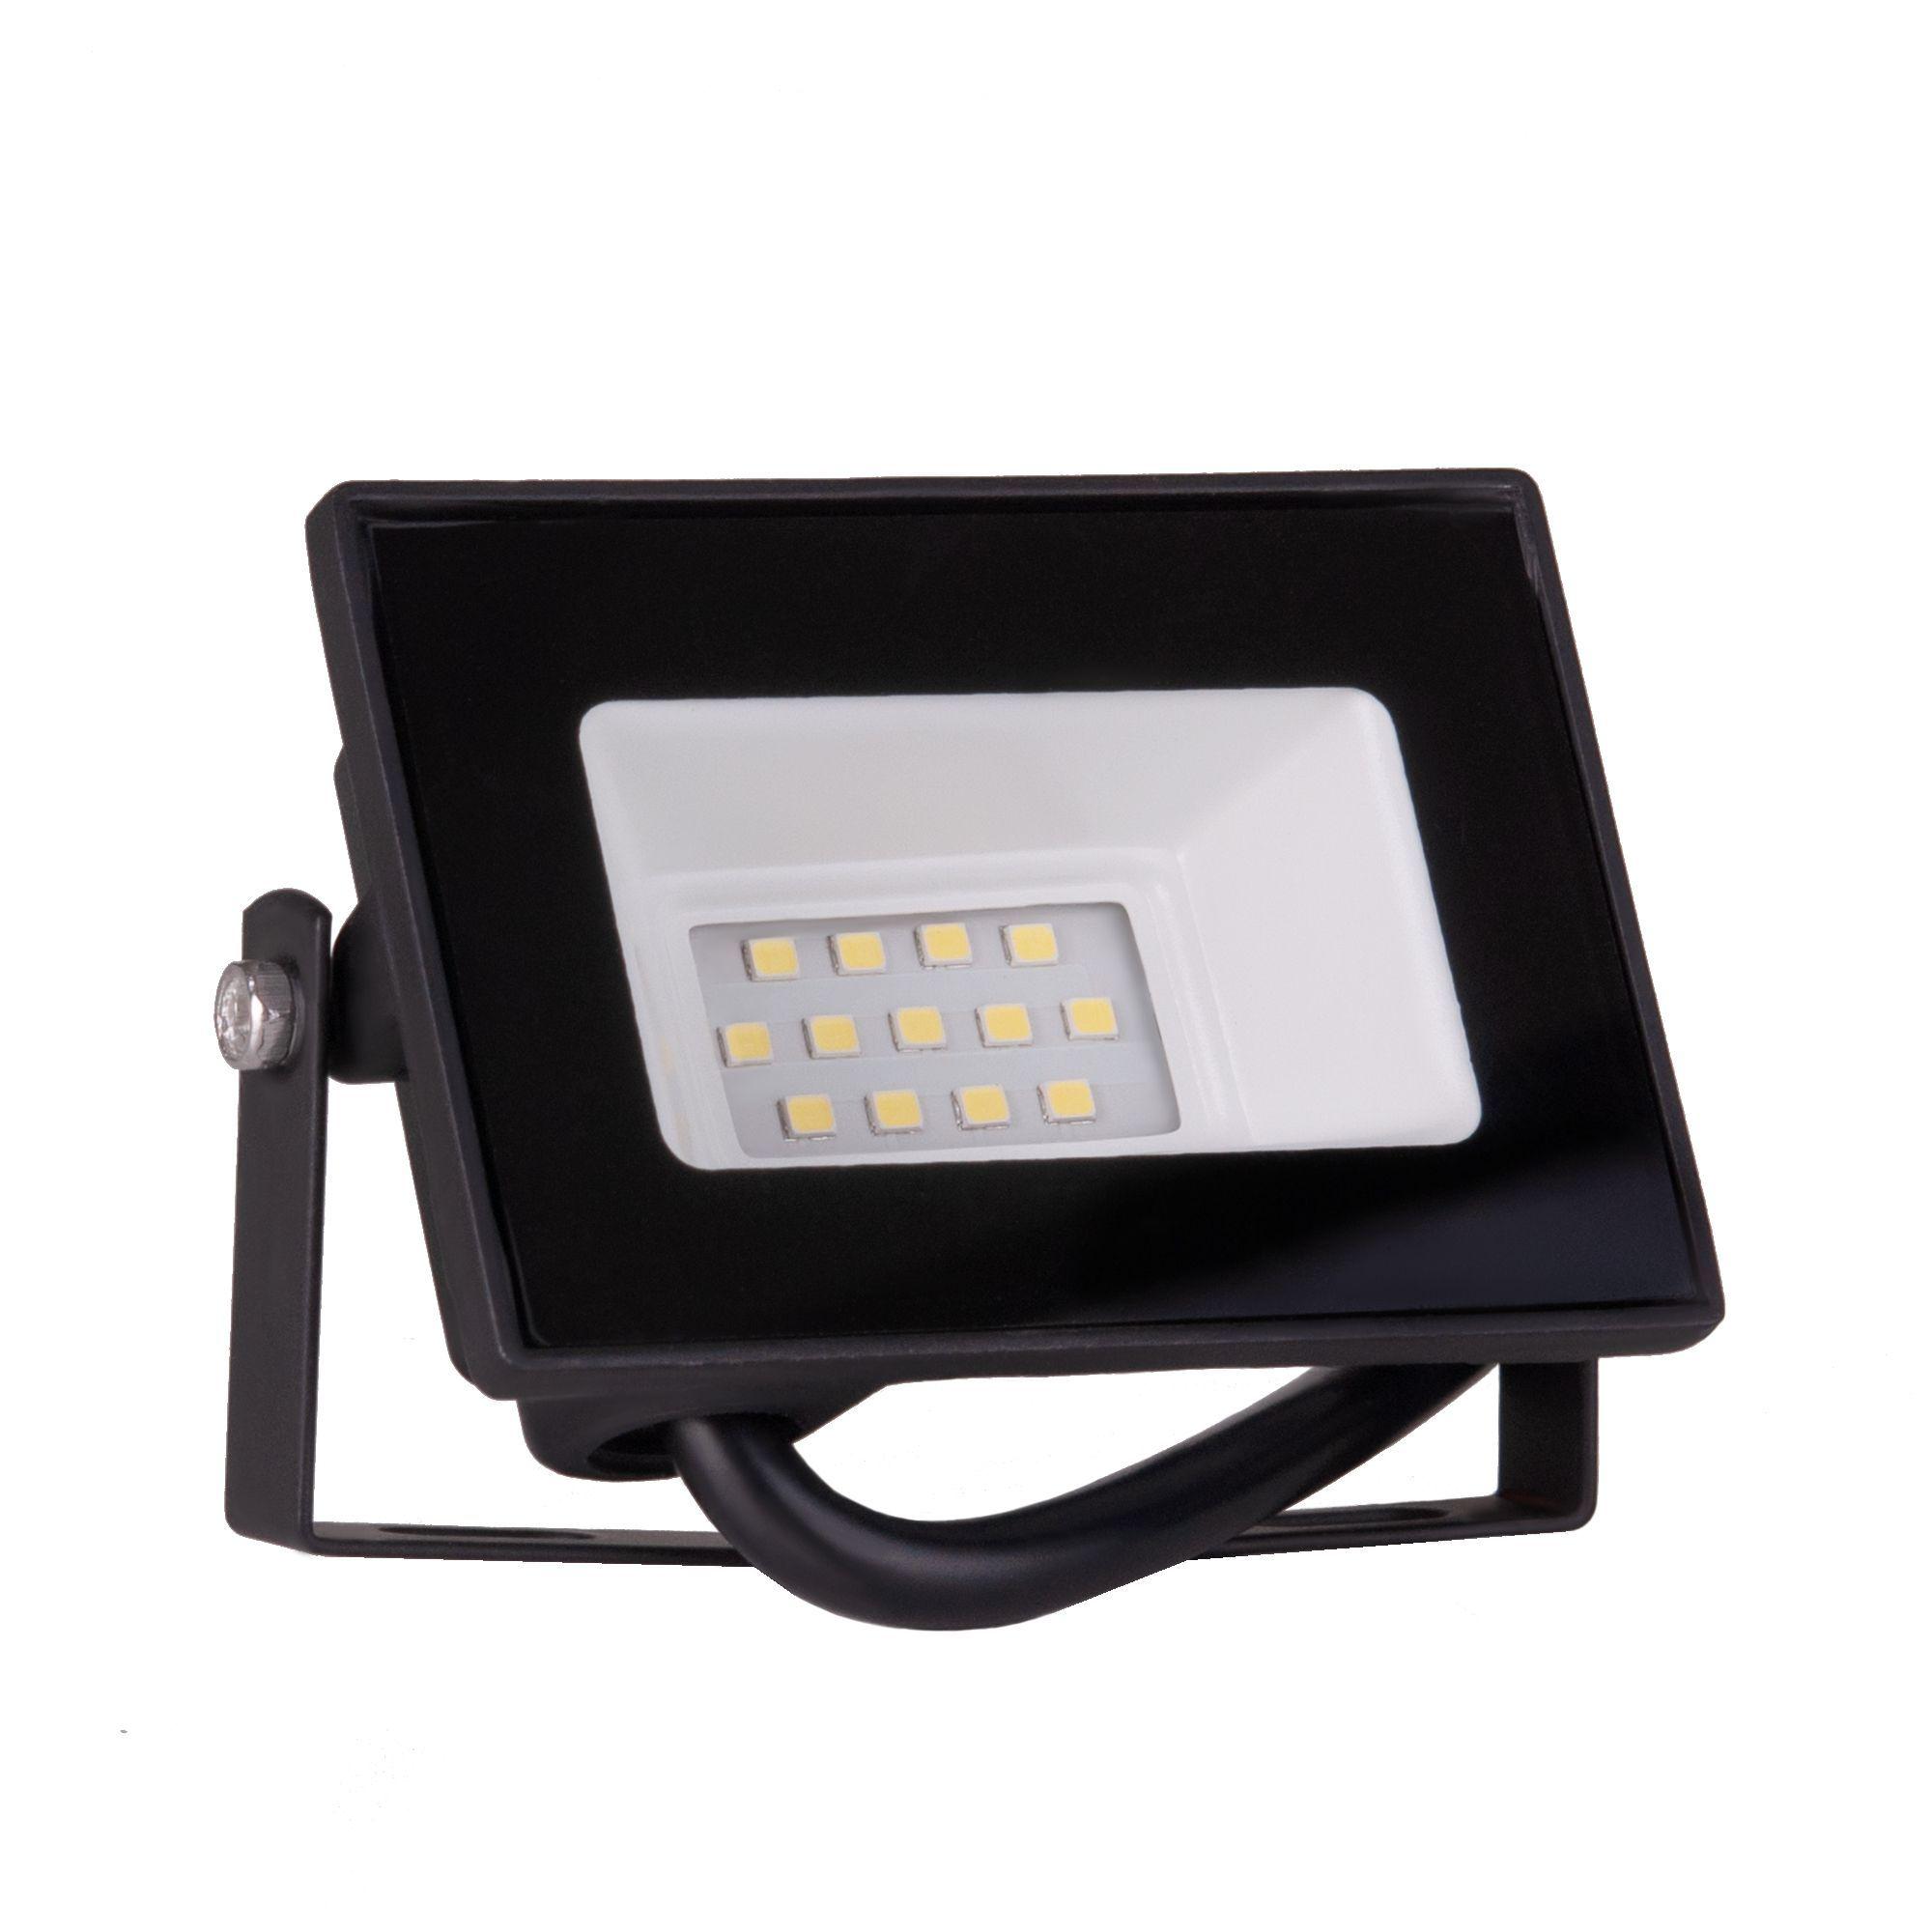 Уличный светодиодный прожектор 10W 6500K IP65 010 FL LED